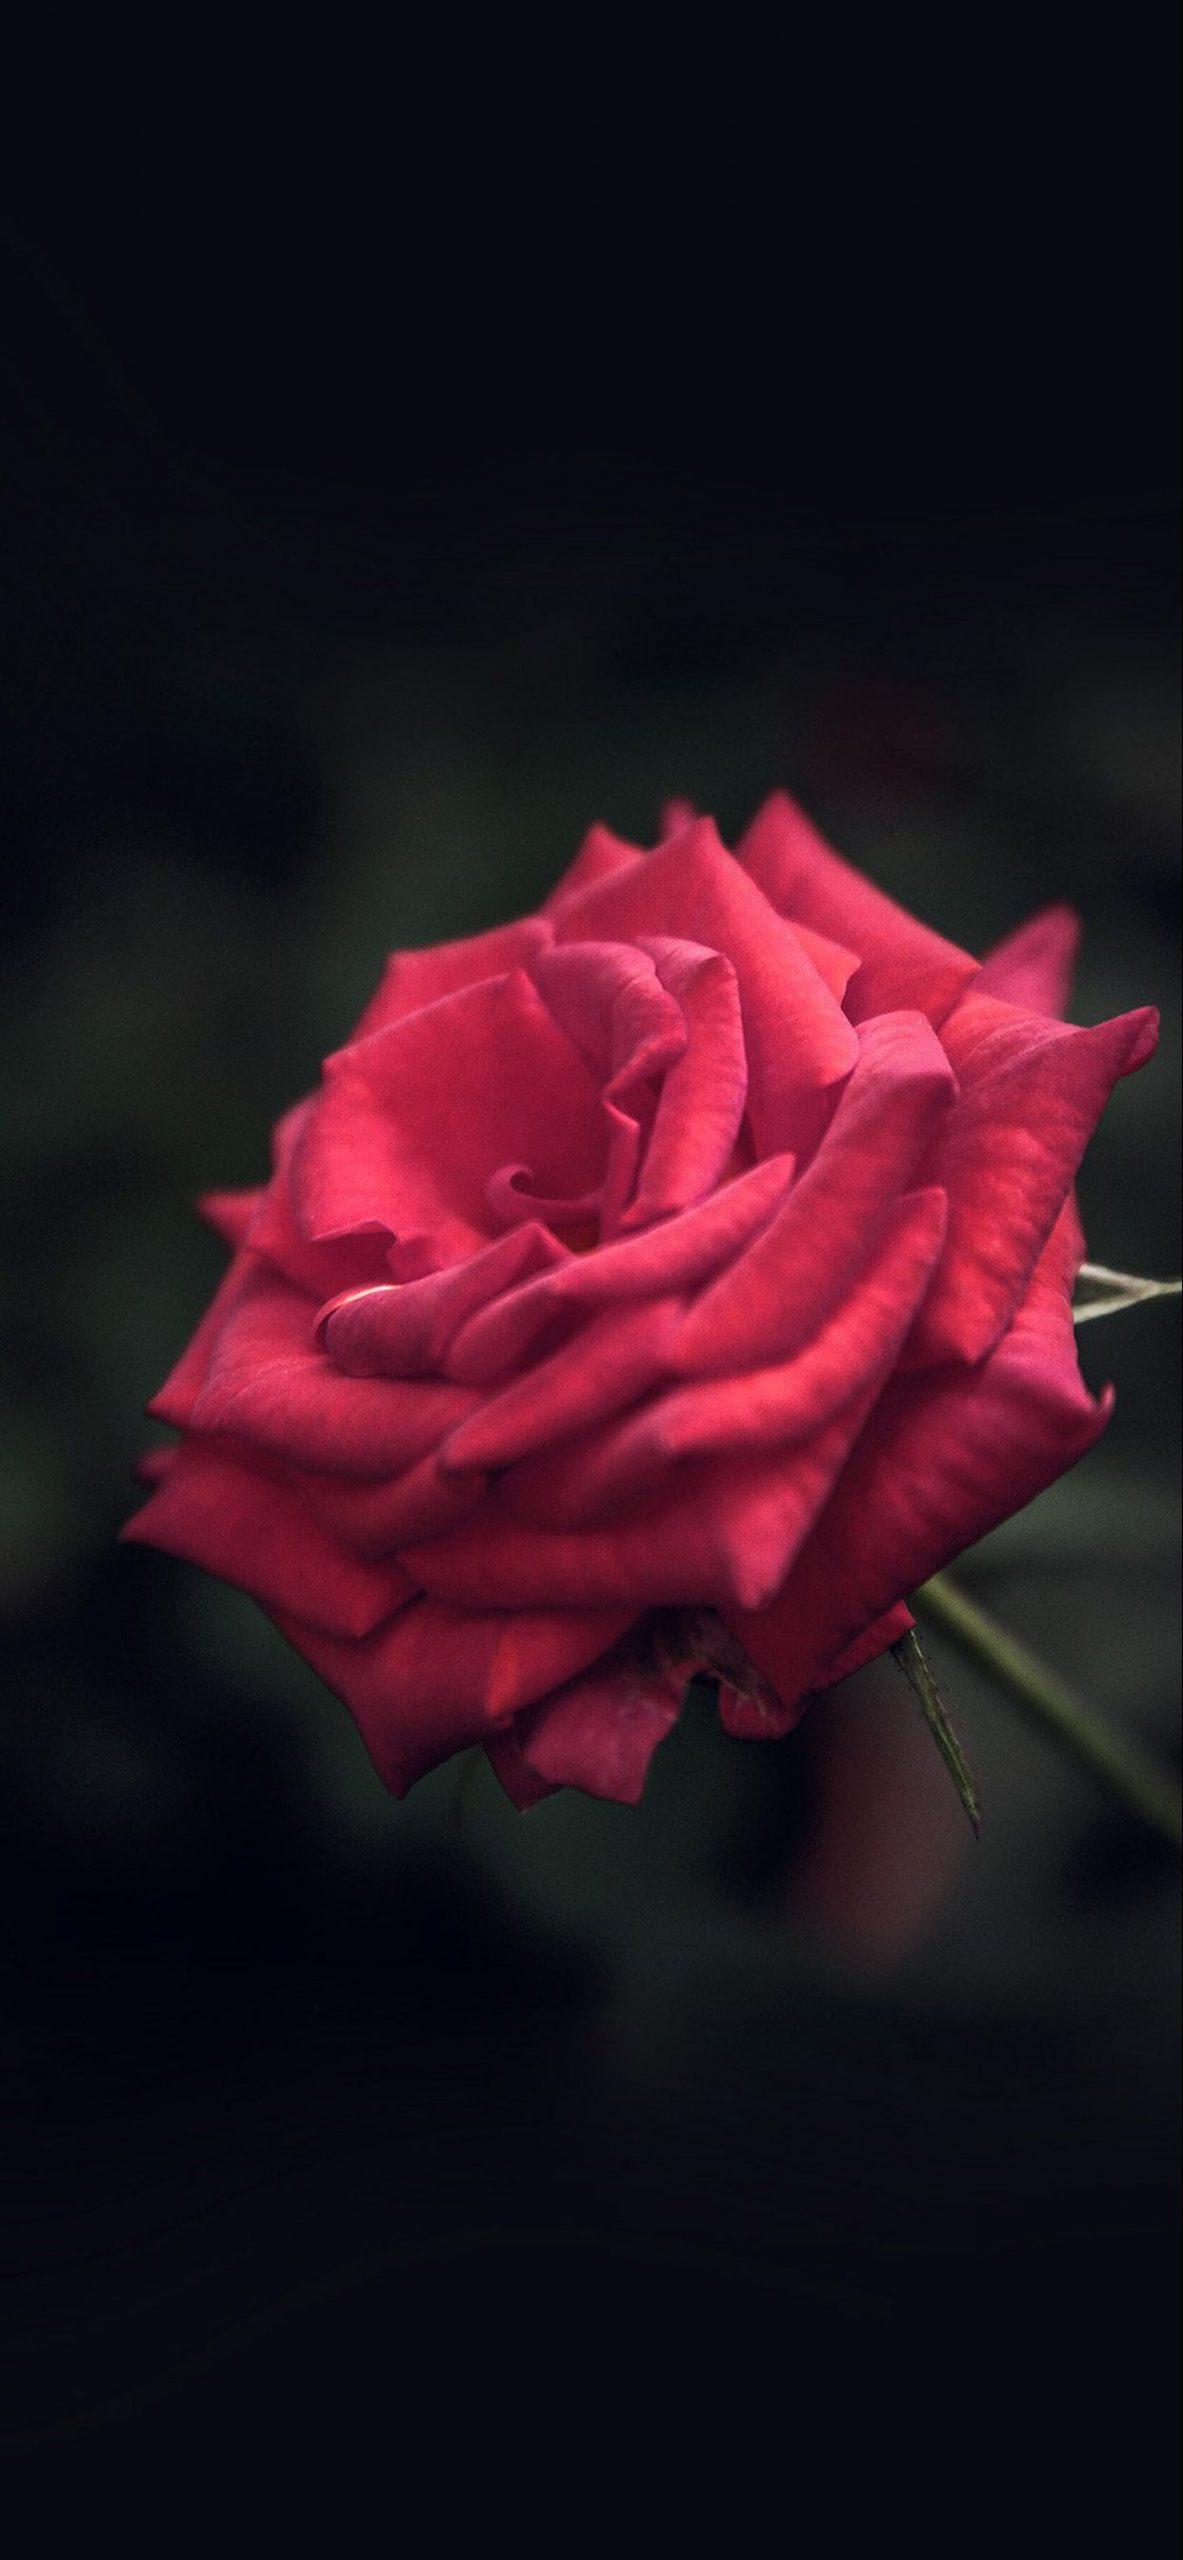 iphone 6 plus red rose